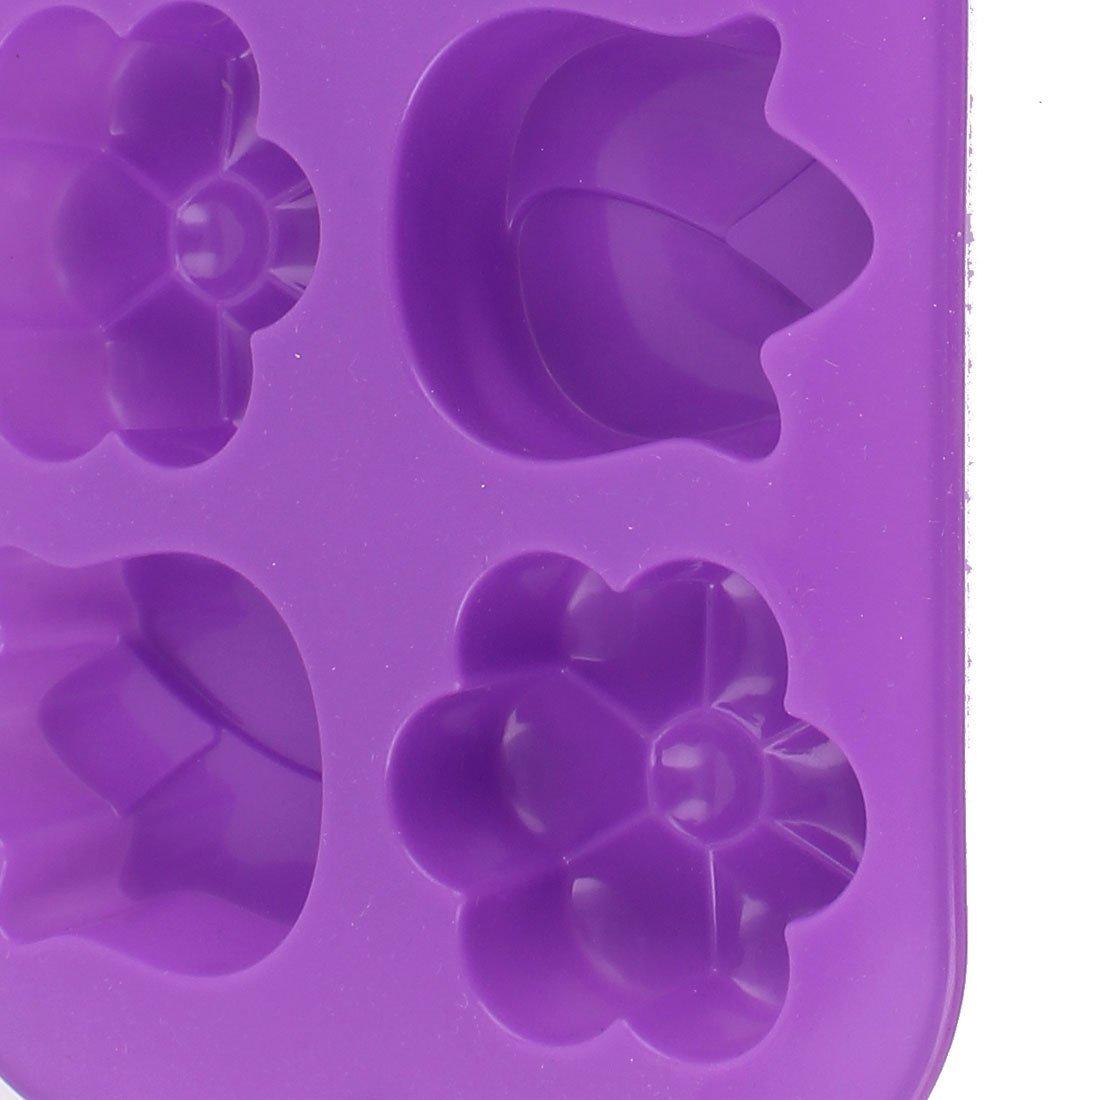 Compra Silicona 6 Cavidad flores en forma de bricolaje molde de pastel panificadora púrpura en Amazon.es